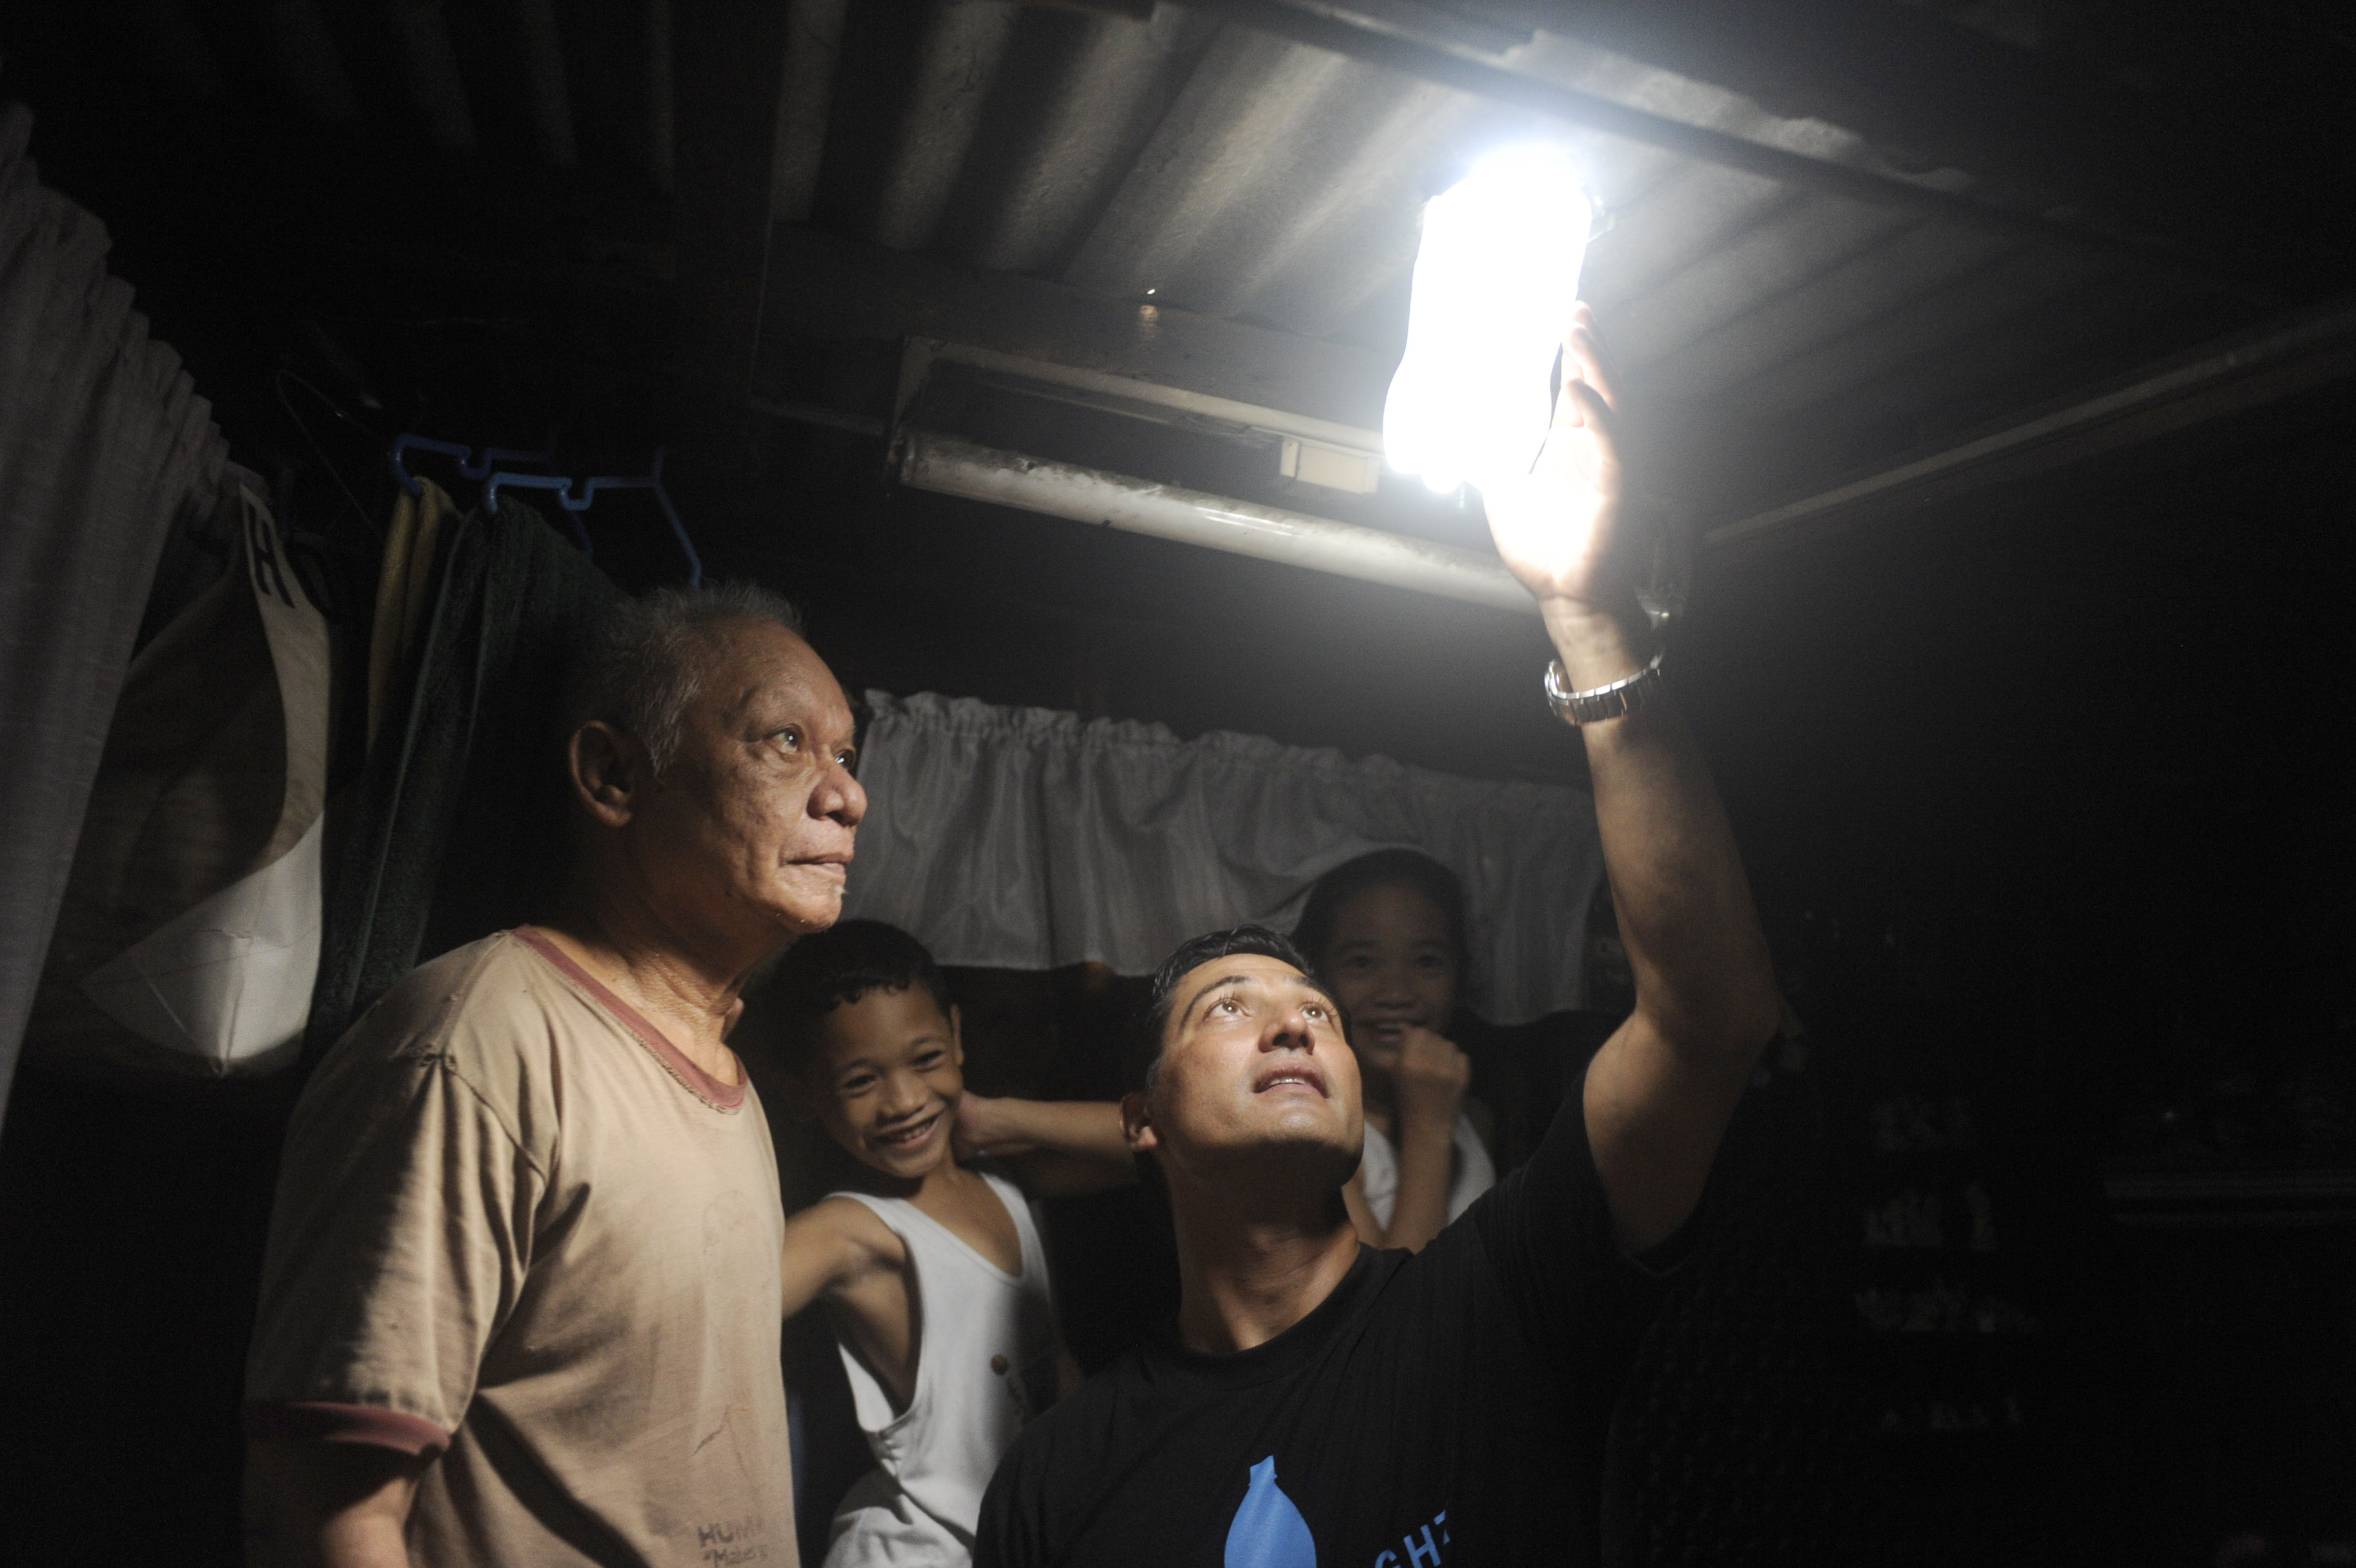 Illuminare Con Acqua E Candeggina : Scientificando liter of light un litro di luce con sole acqua e